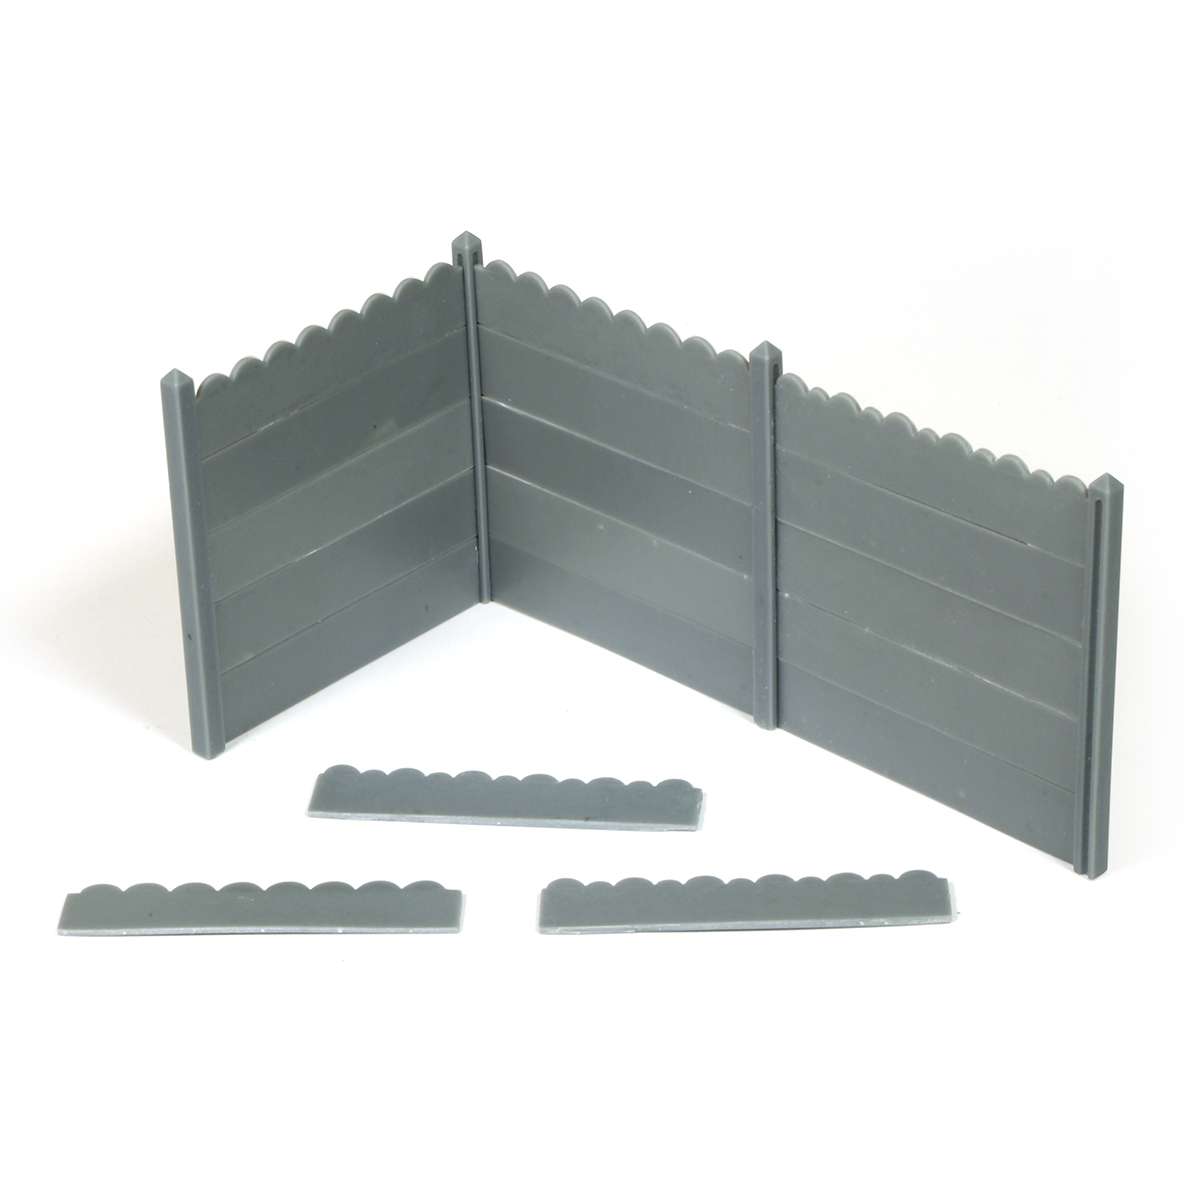 Concrete fence type 1 - Concrete fence models design ...